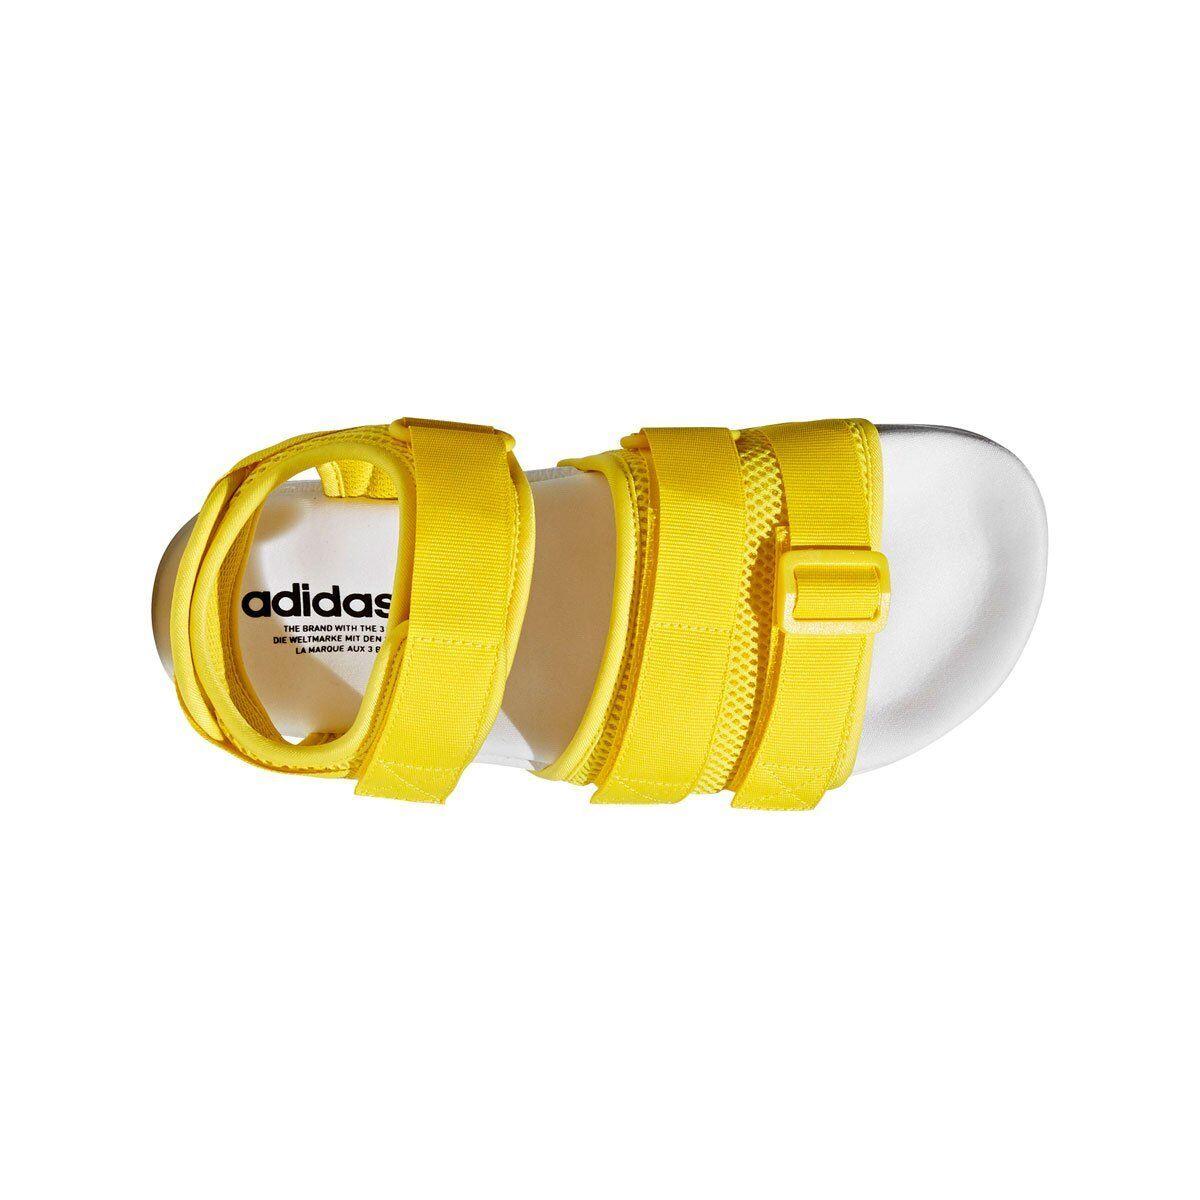 Adidas Men Originals Adilette 2.0 Sandales Grau CQ2673 UK6.5-10.5 UK6.5-10.5 UK6.5-10.5 03' d47482